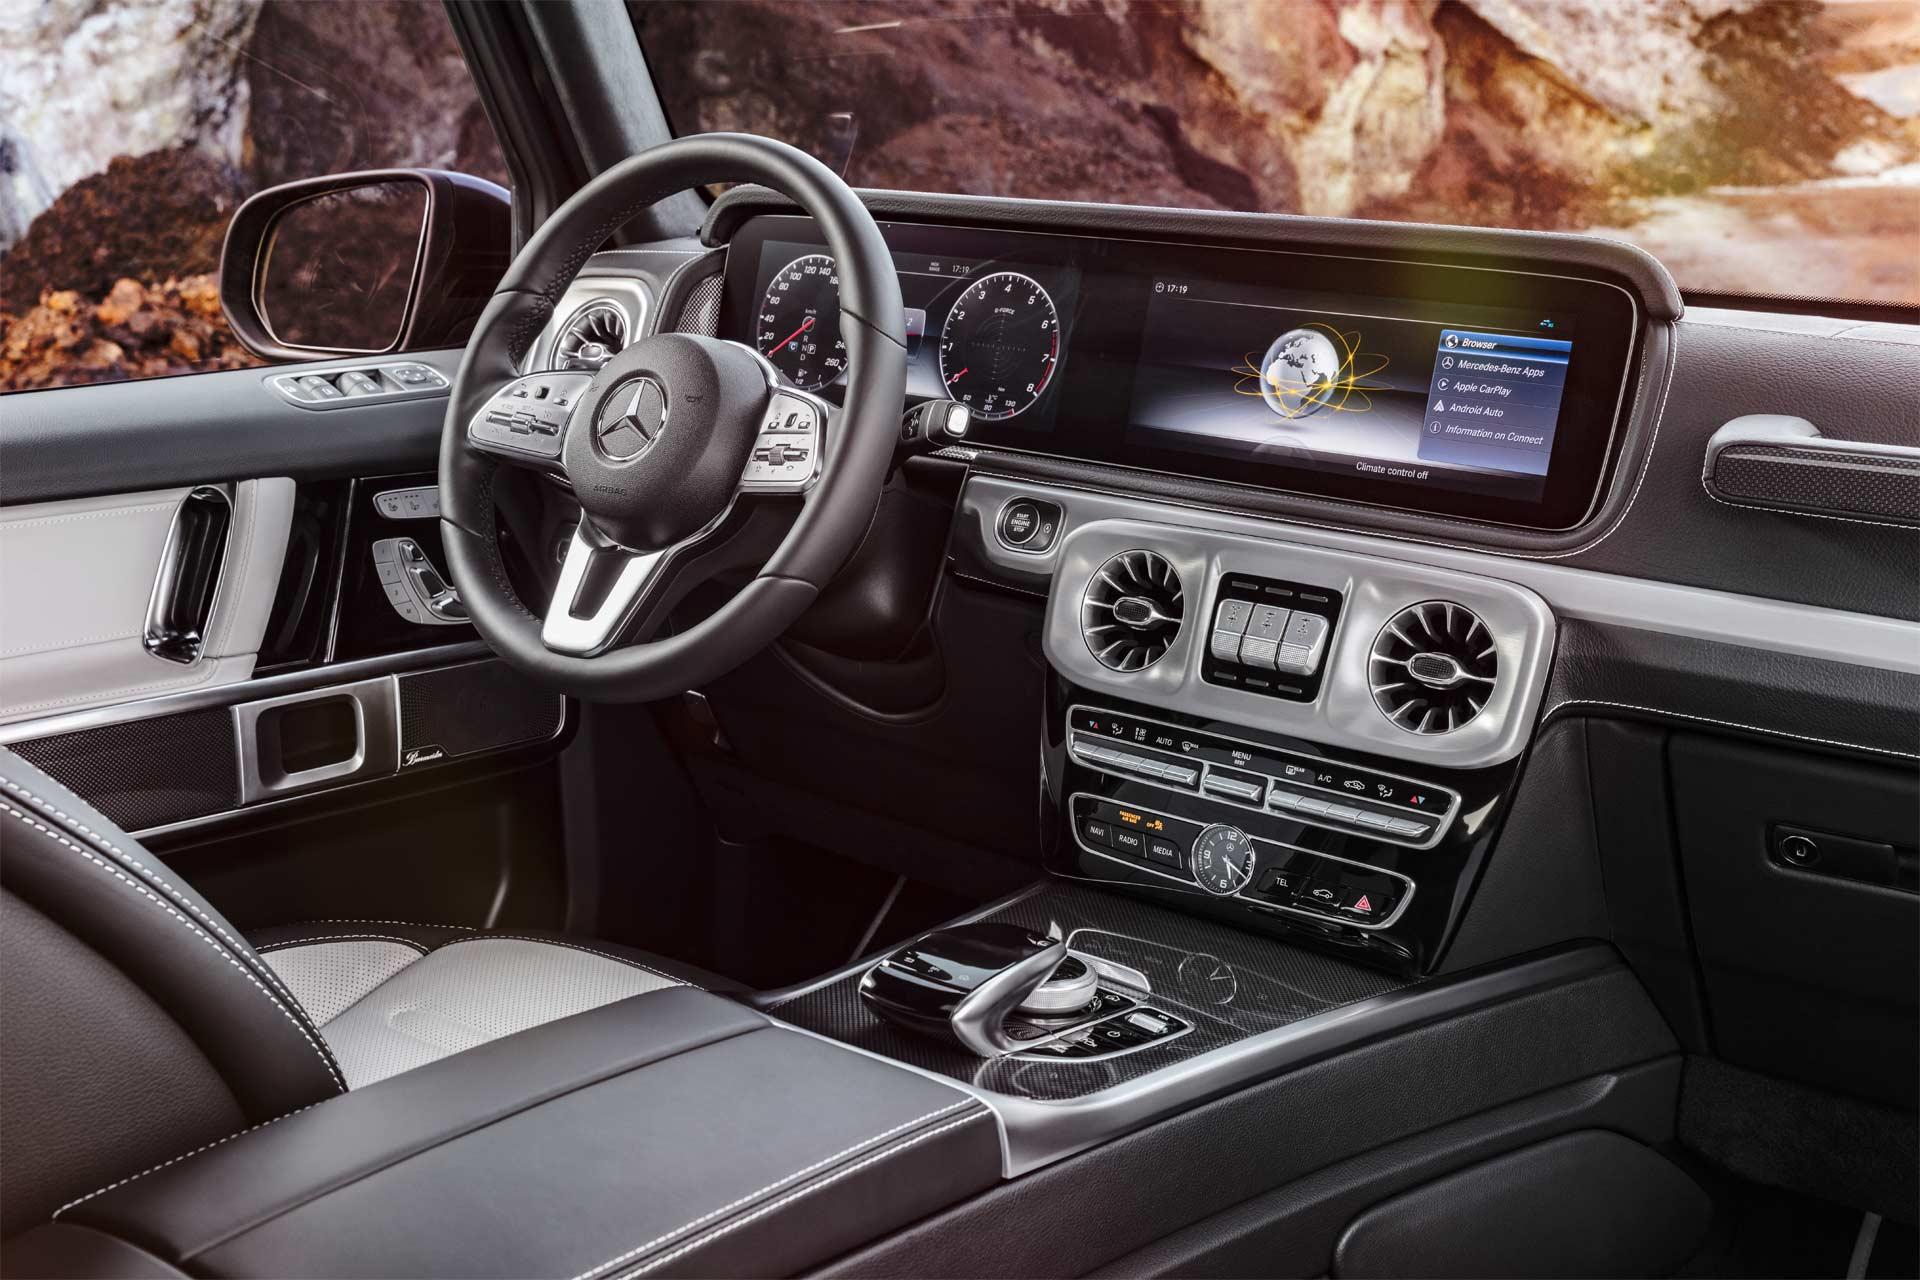 2018-Mercedes-Benz-G-Class-interior_2